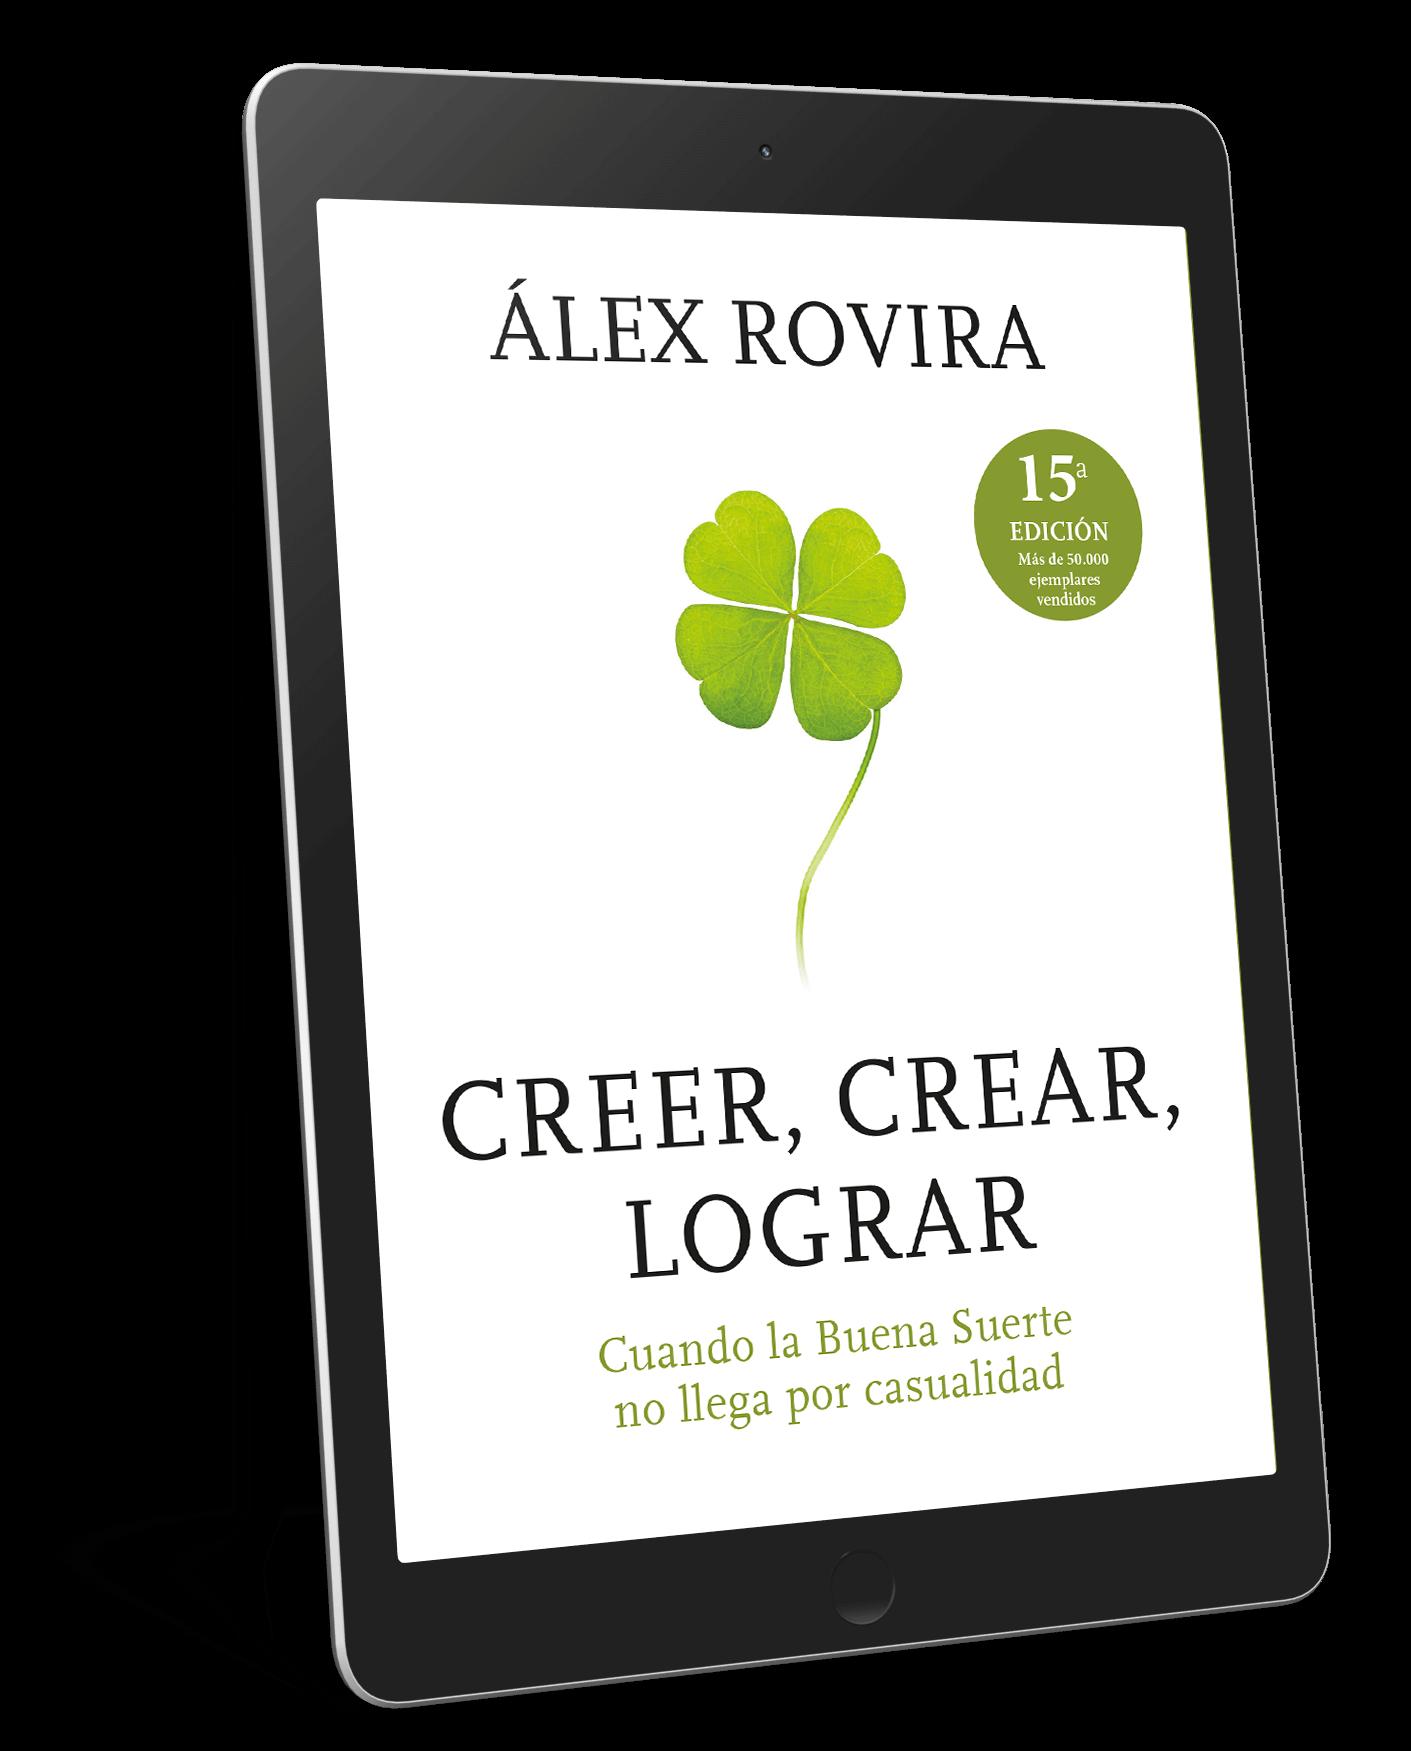 015-6x9-Book-Ereader-Mockup-COVERVAULT-1